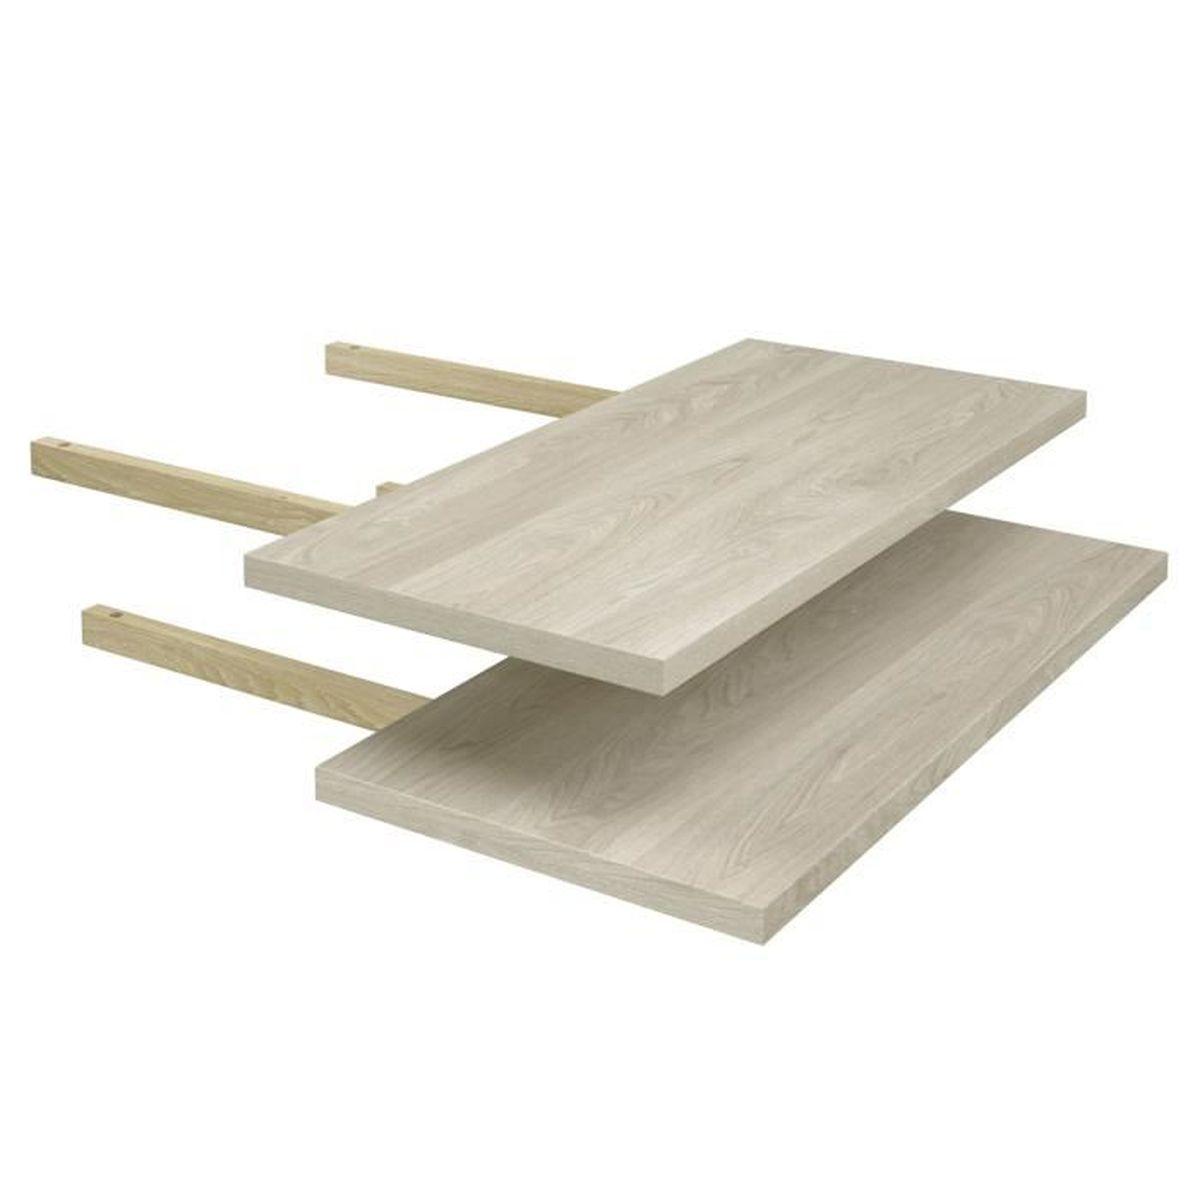 lot de 2 rallonges pour table rectangulaire, coloris chêne flamand